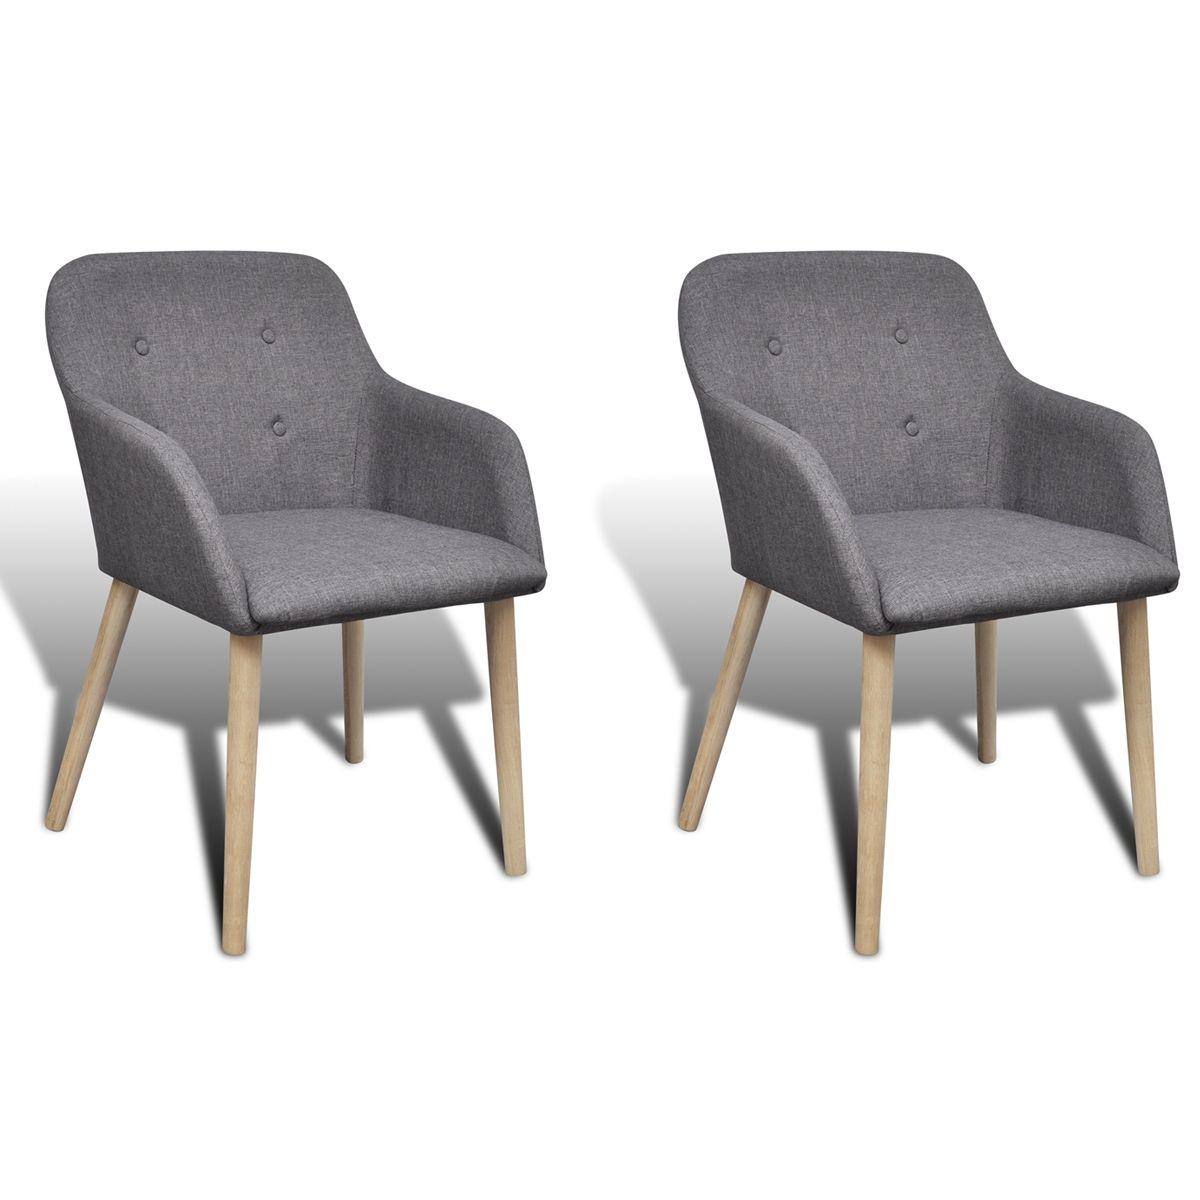 Schön 2/4/6x Stühle Stuhl Stuhlgruppe Esszimmerstühle Esszimmerstuhl Armlehne  Eiche